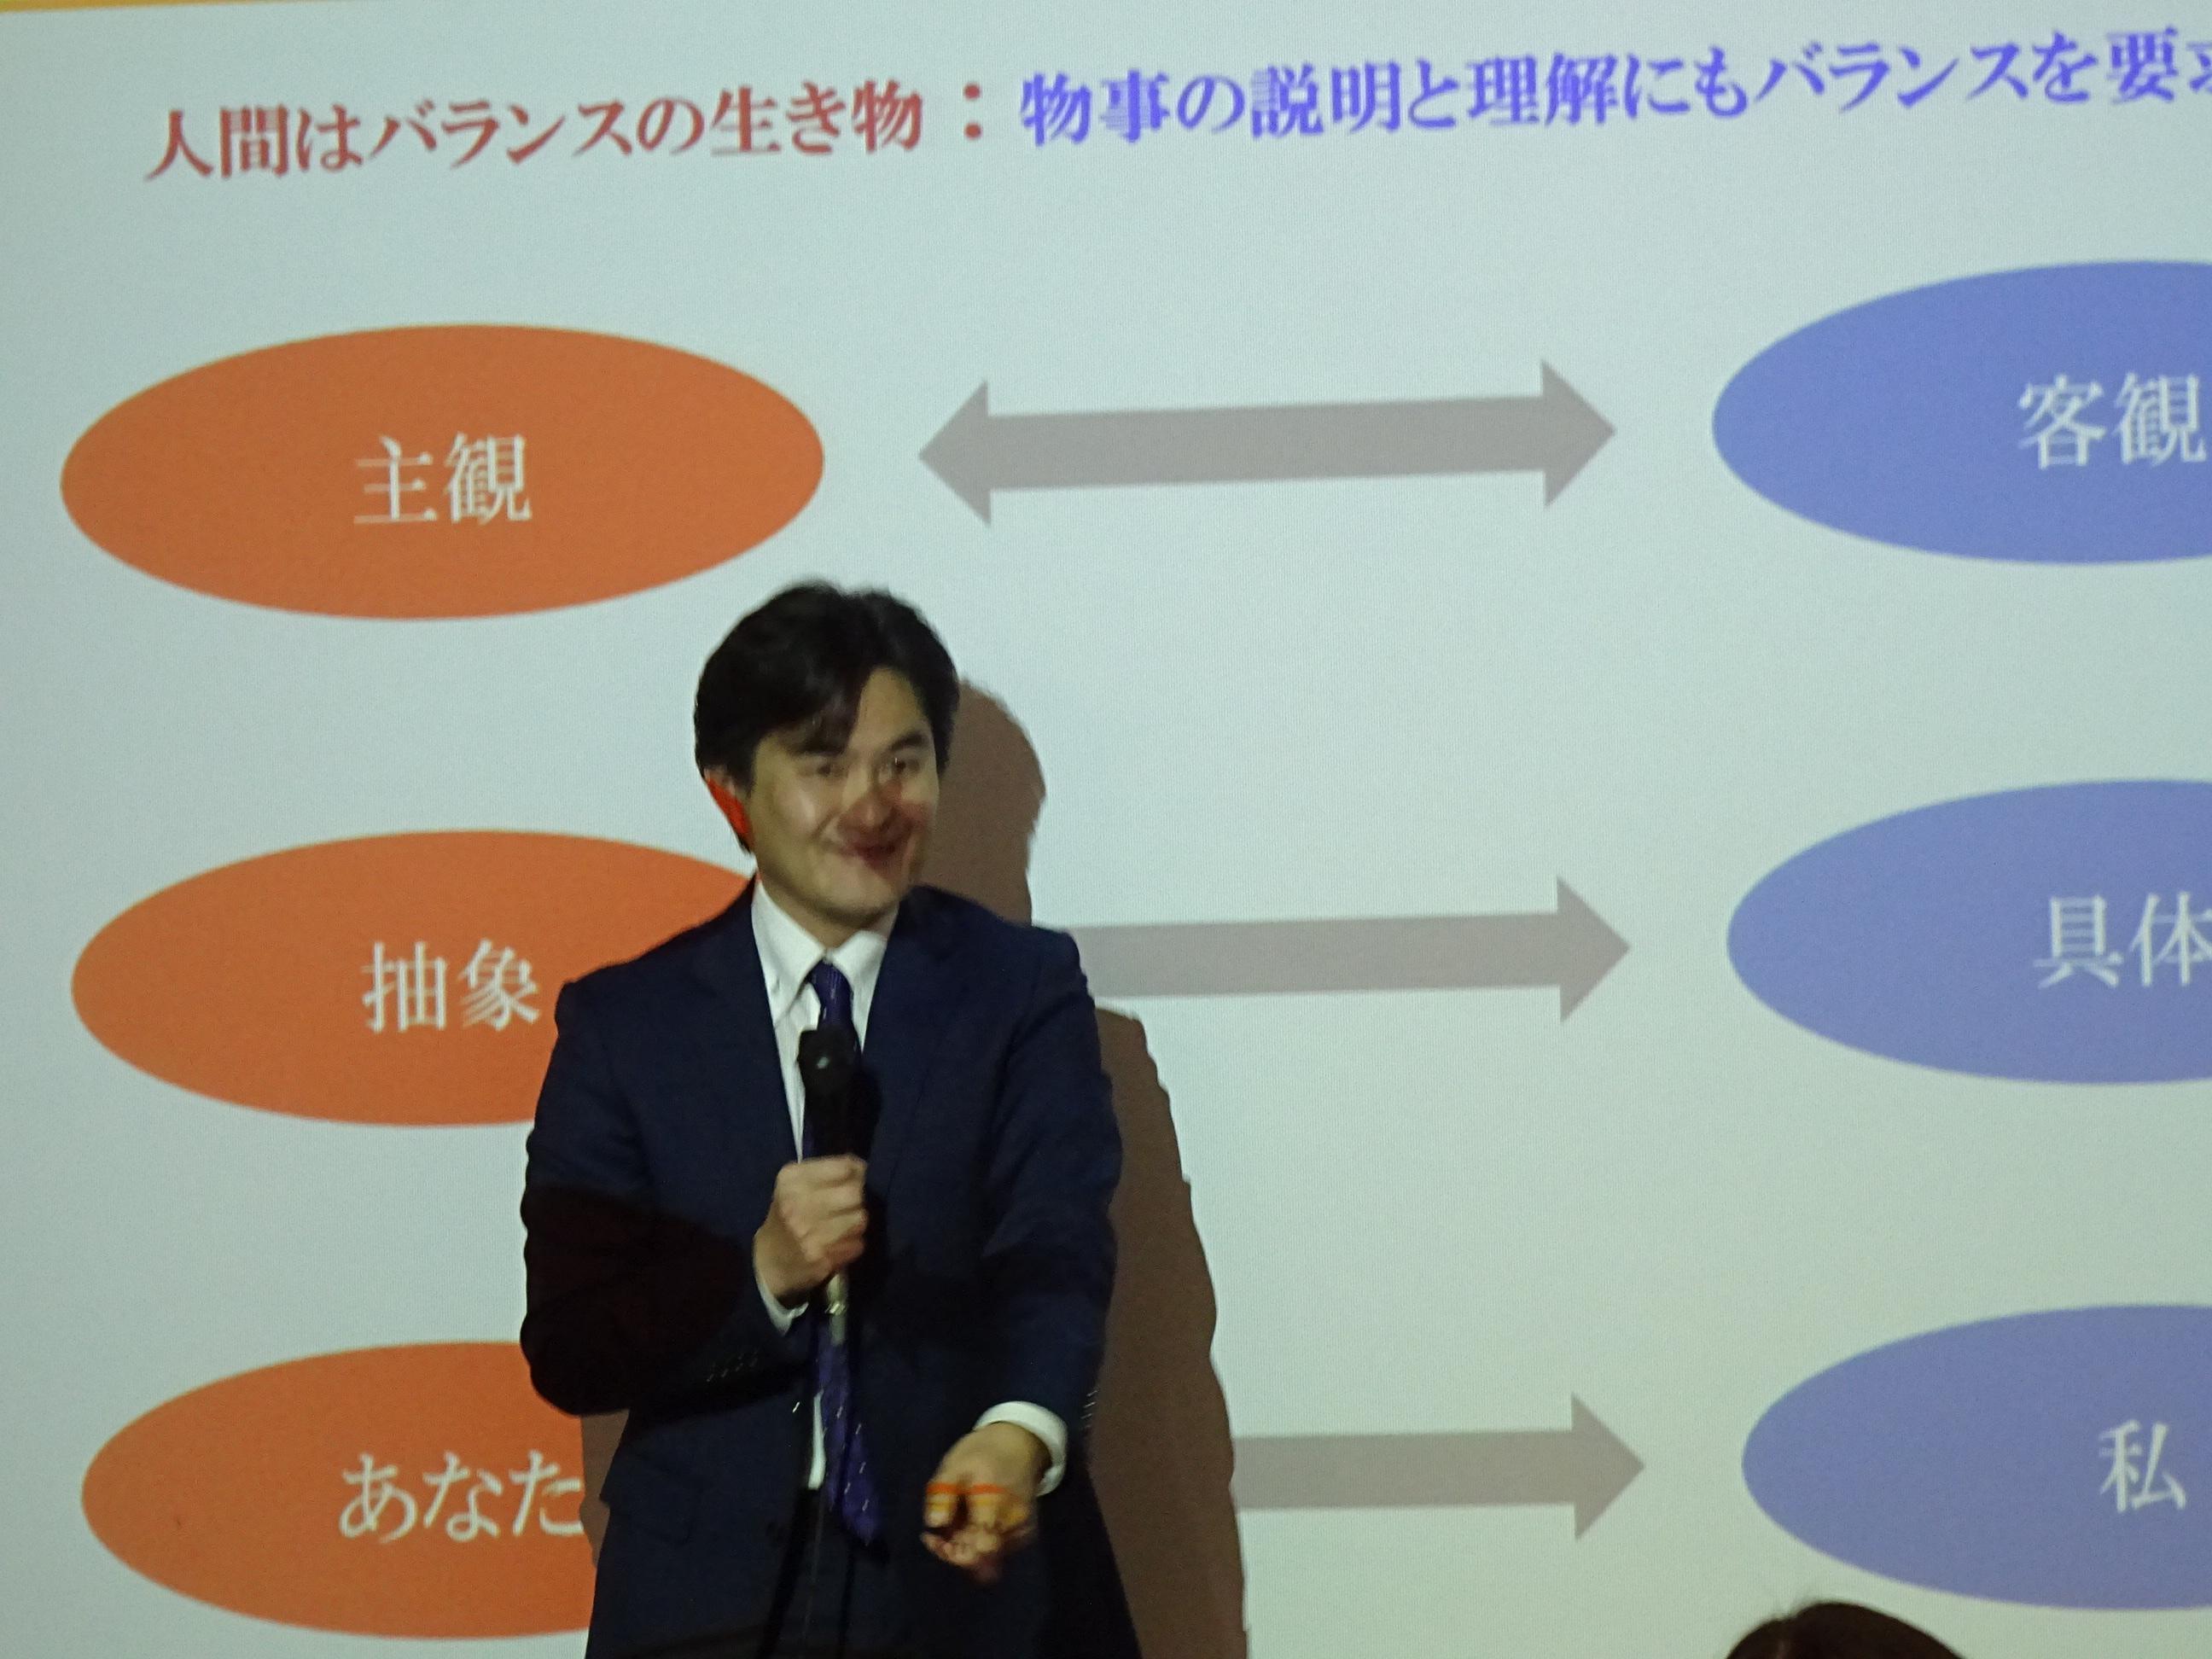 【新橋】実際の資料で考えるパワーポイント資料作成スキル画像03